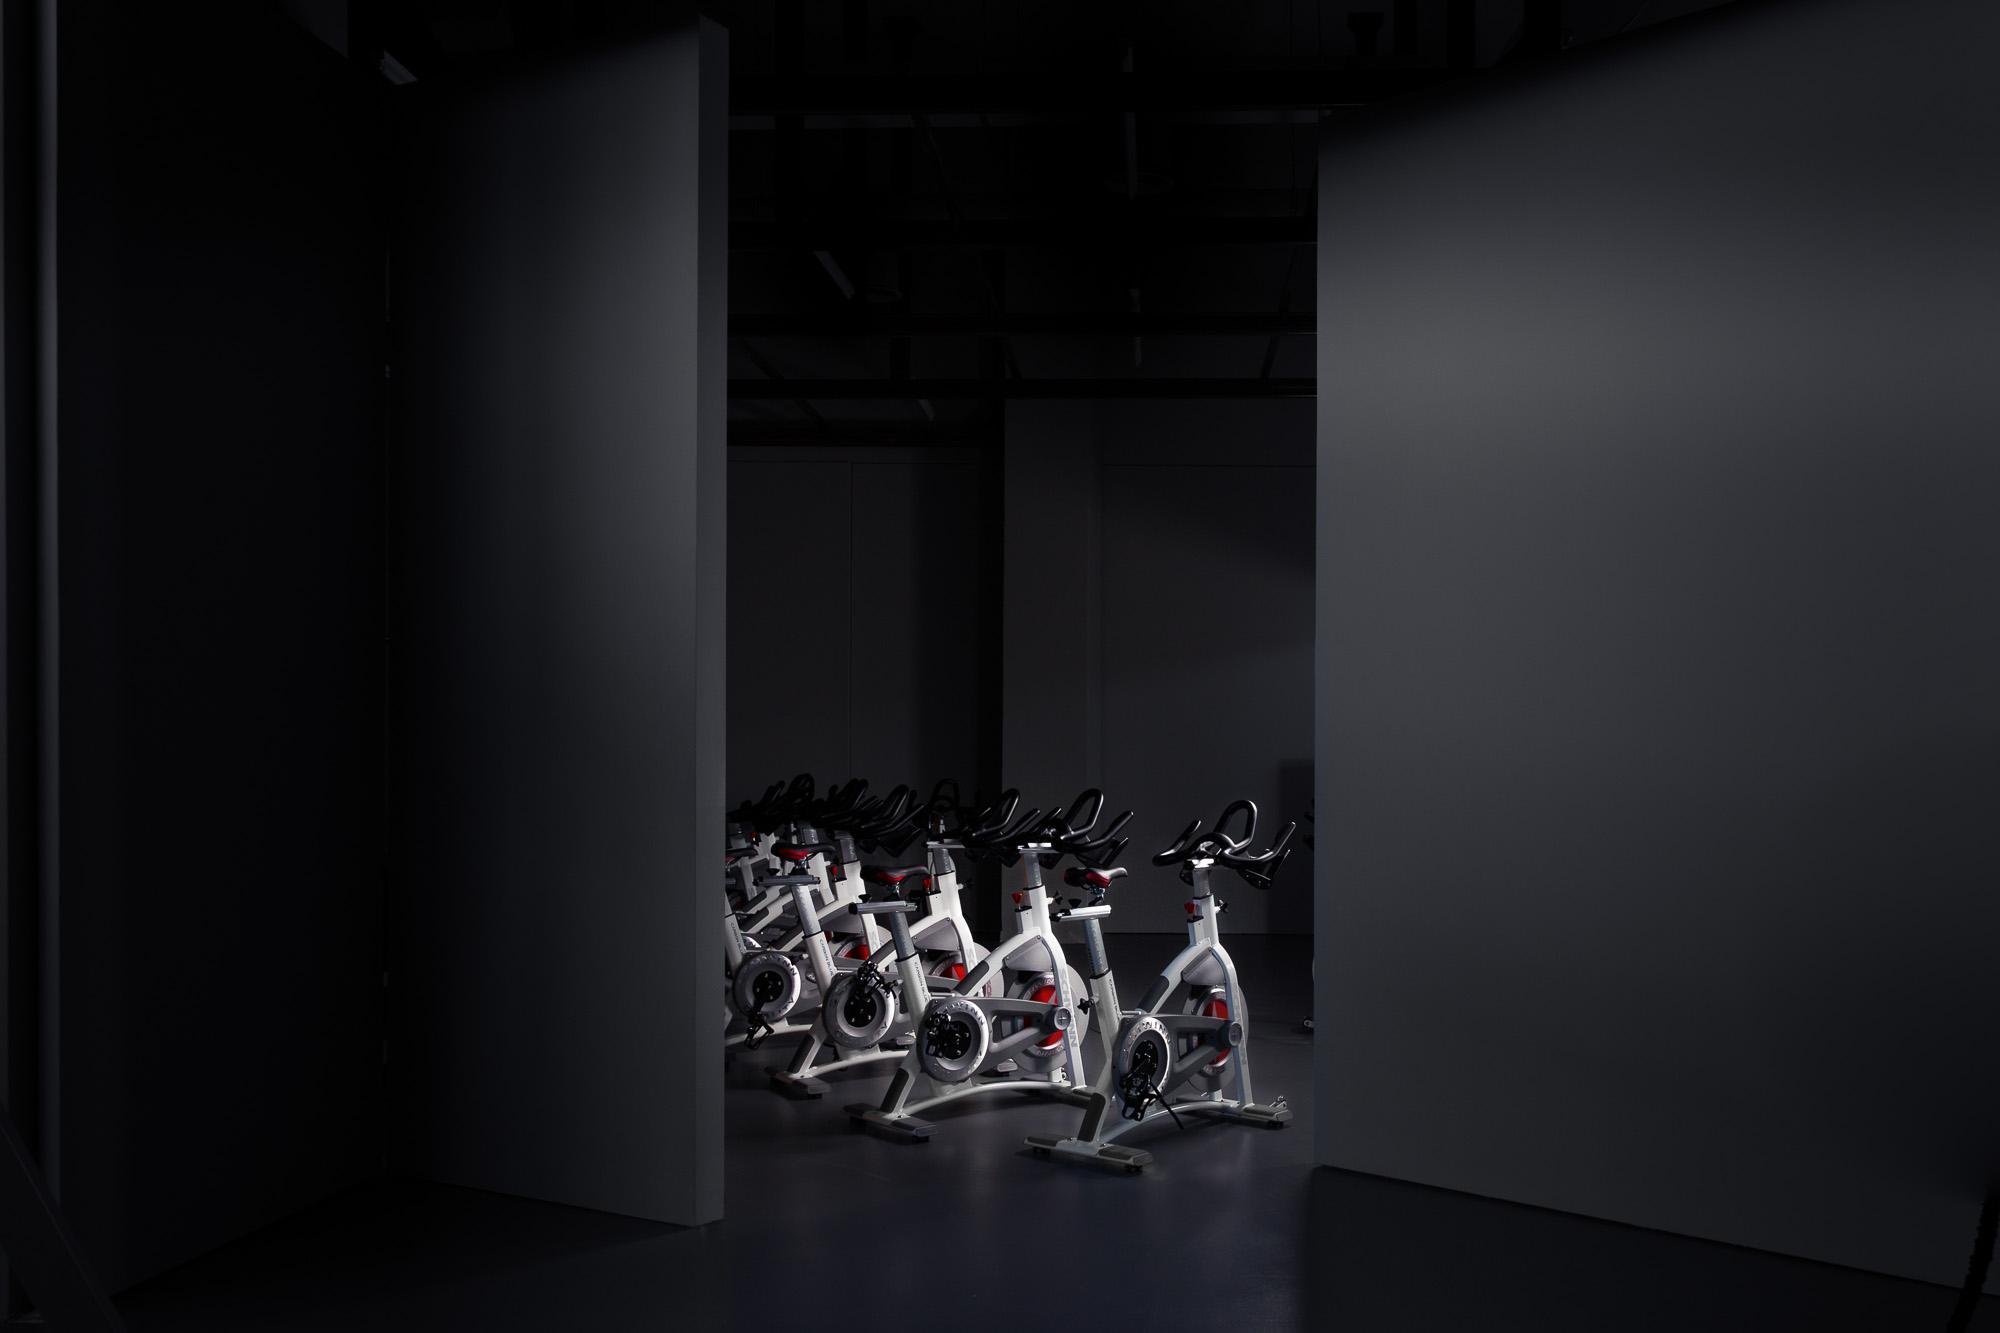 Η αίθουσα του spinning φωτογραφημένη επιλεκτικά με φλας.